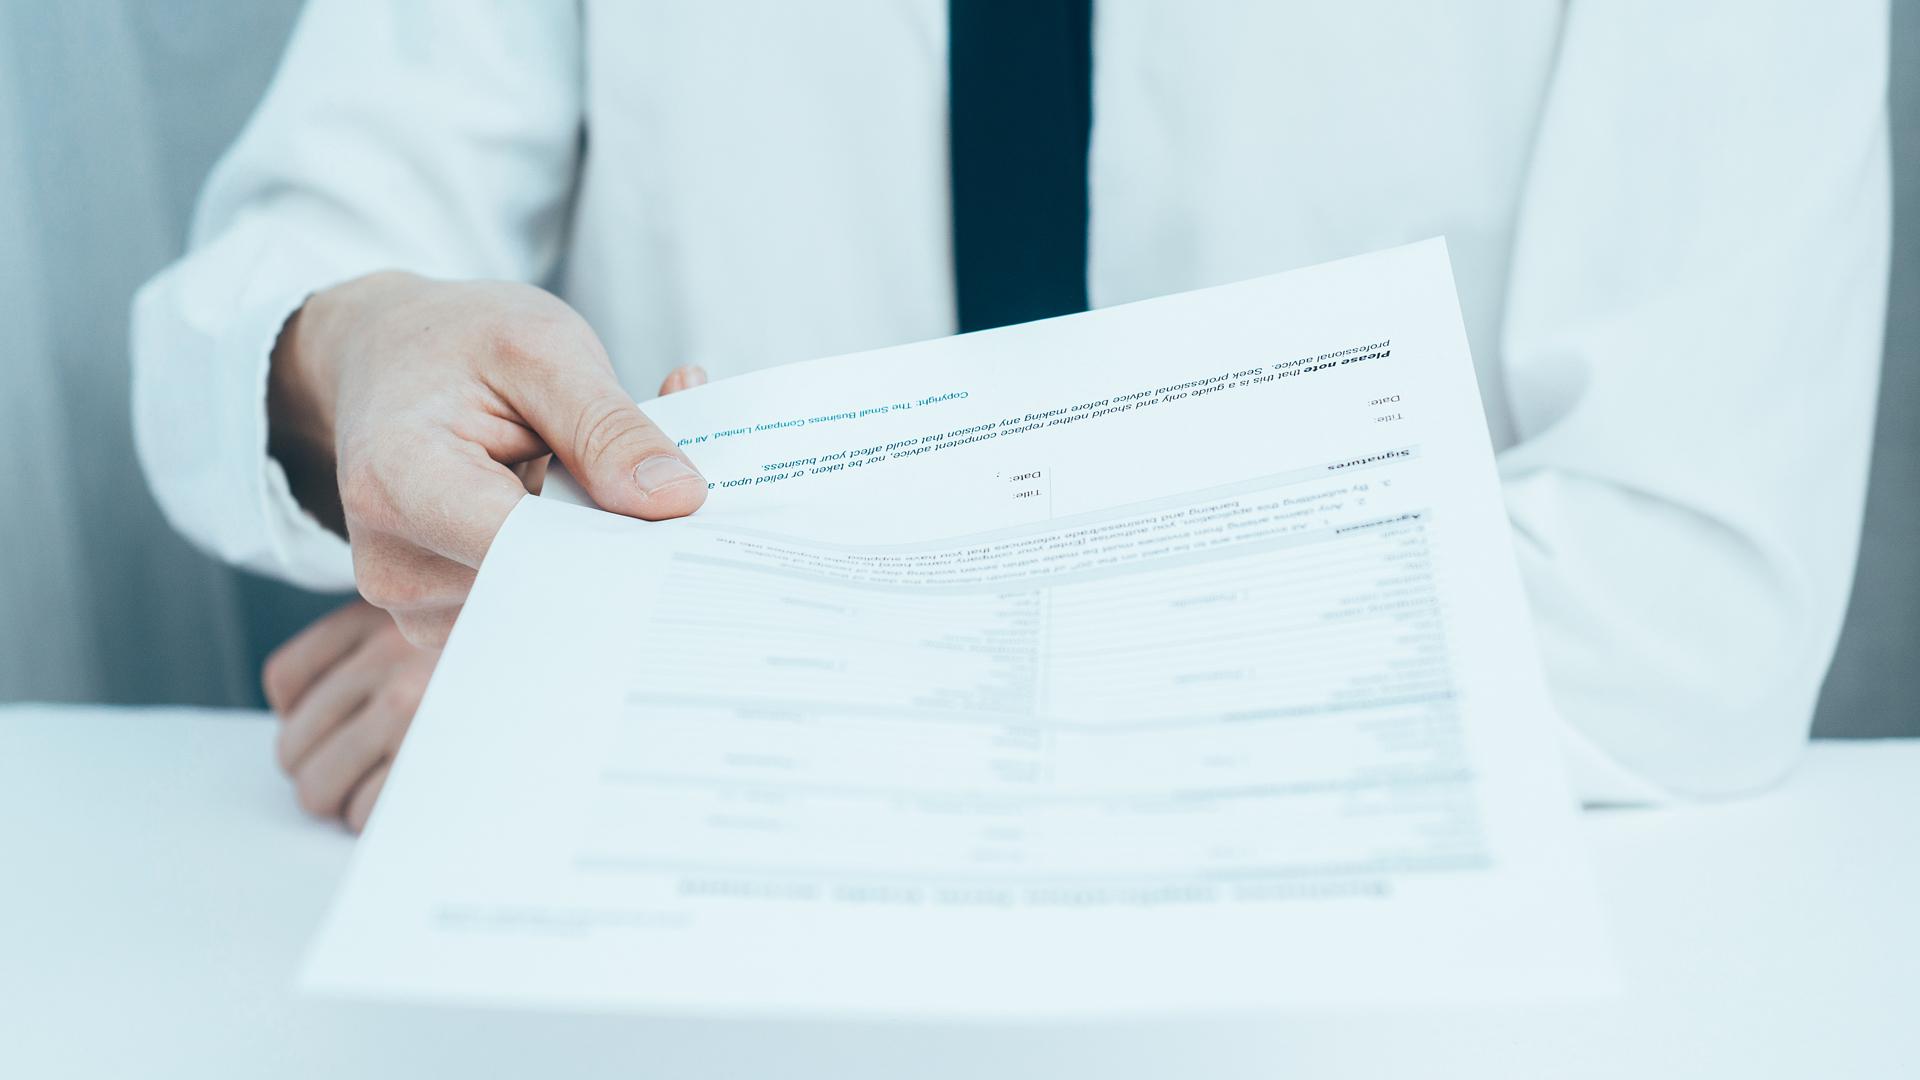 La confección del currículum de manera correcta y detallada es importante para no cometer errores que impidan que obtenga el empleo (Getty Images)